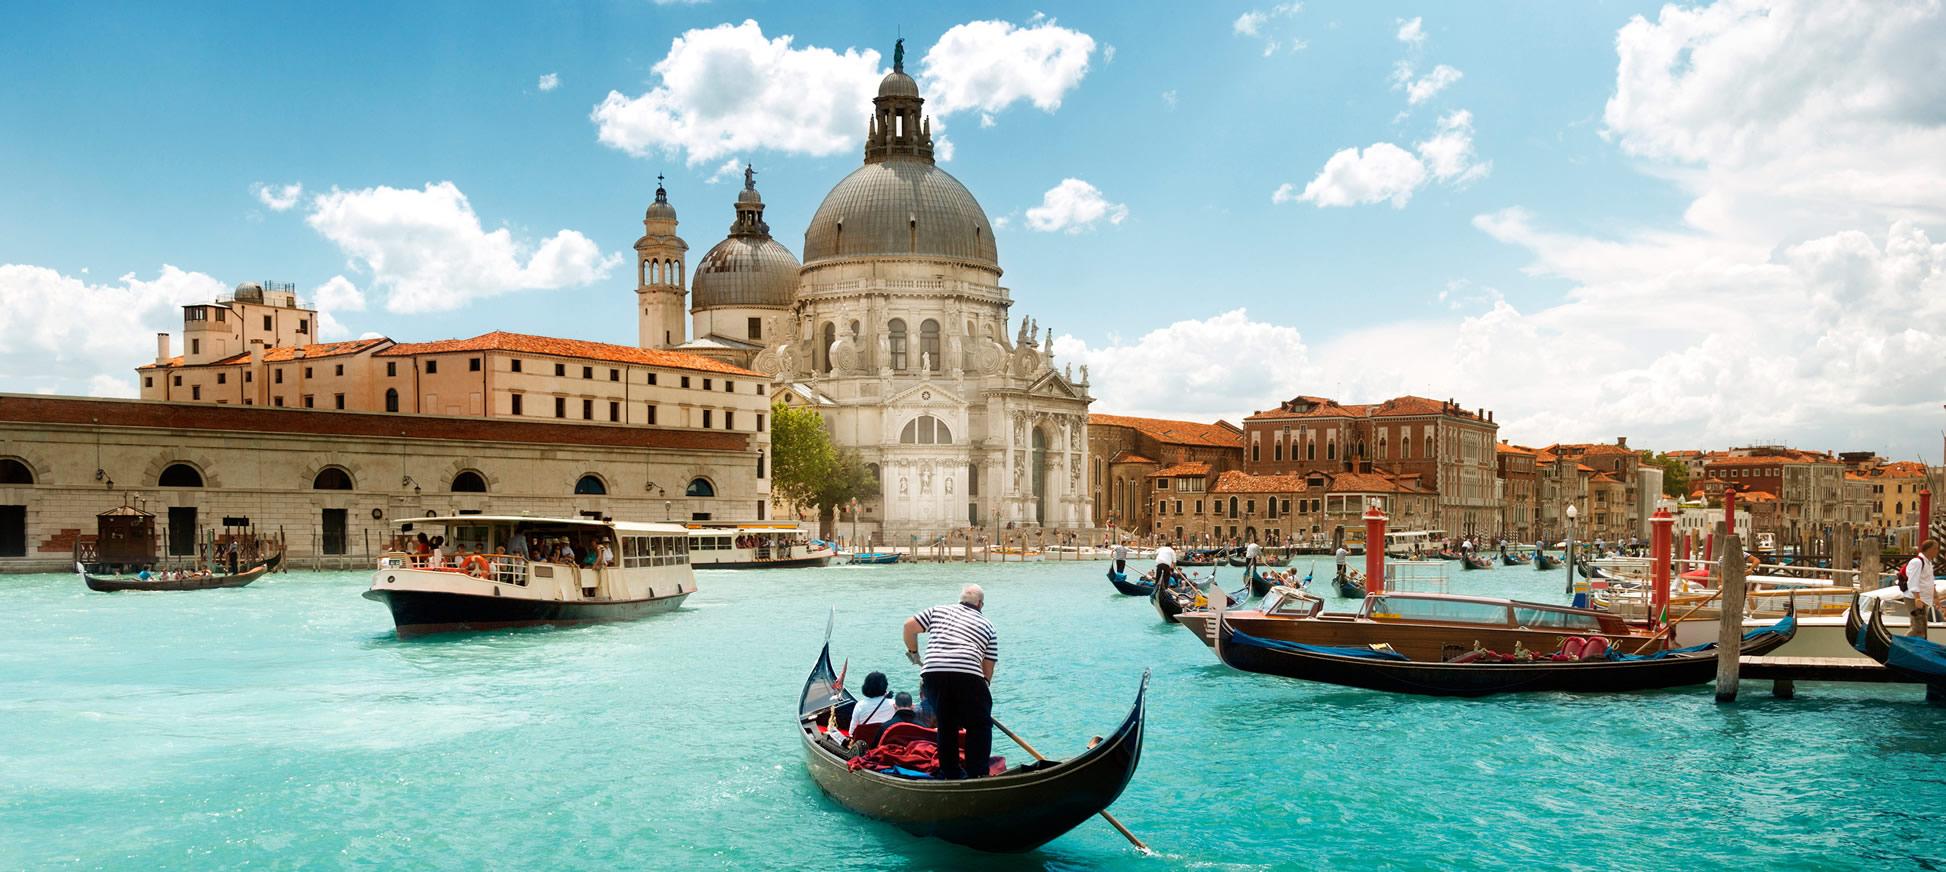 Obter o passaporte Italiano